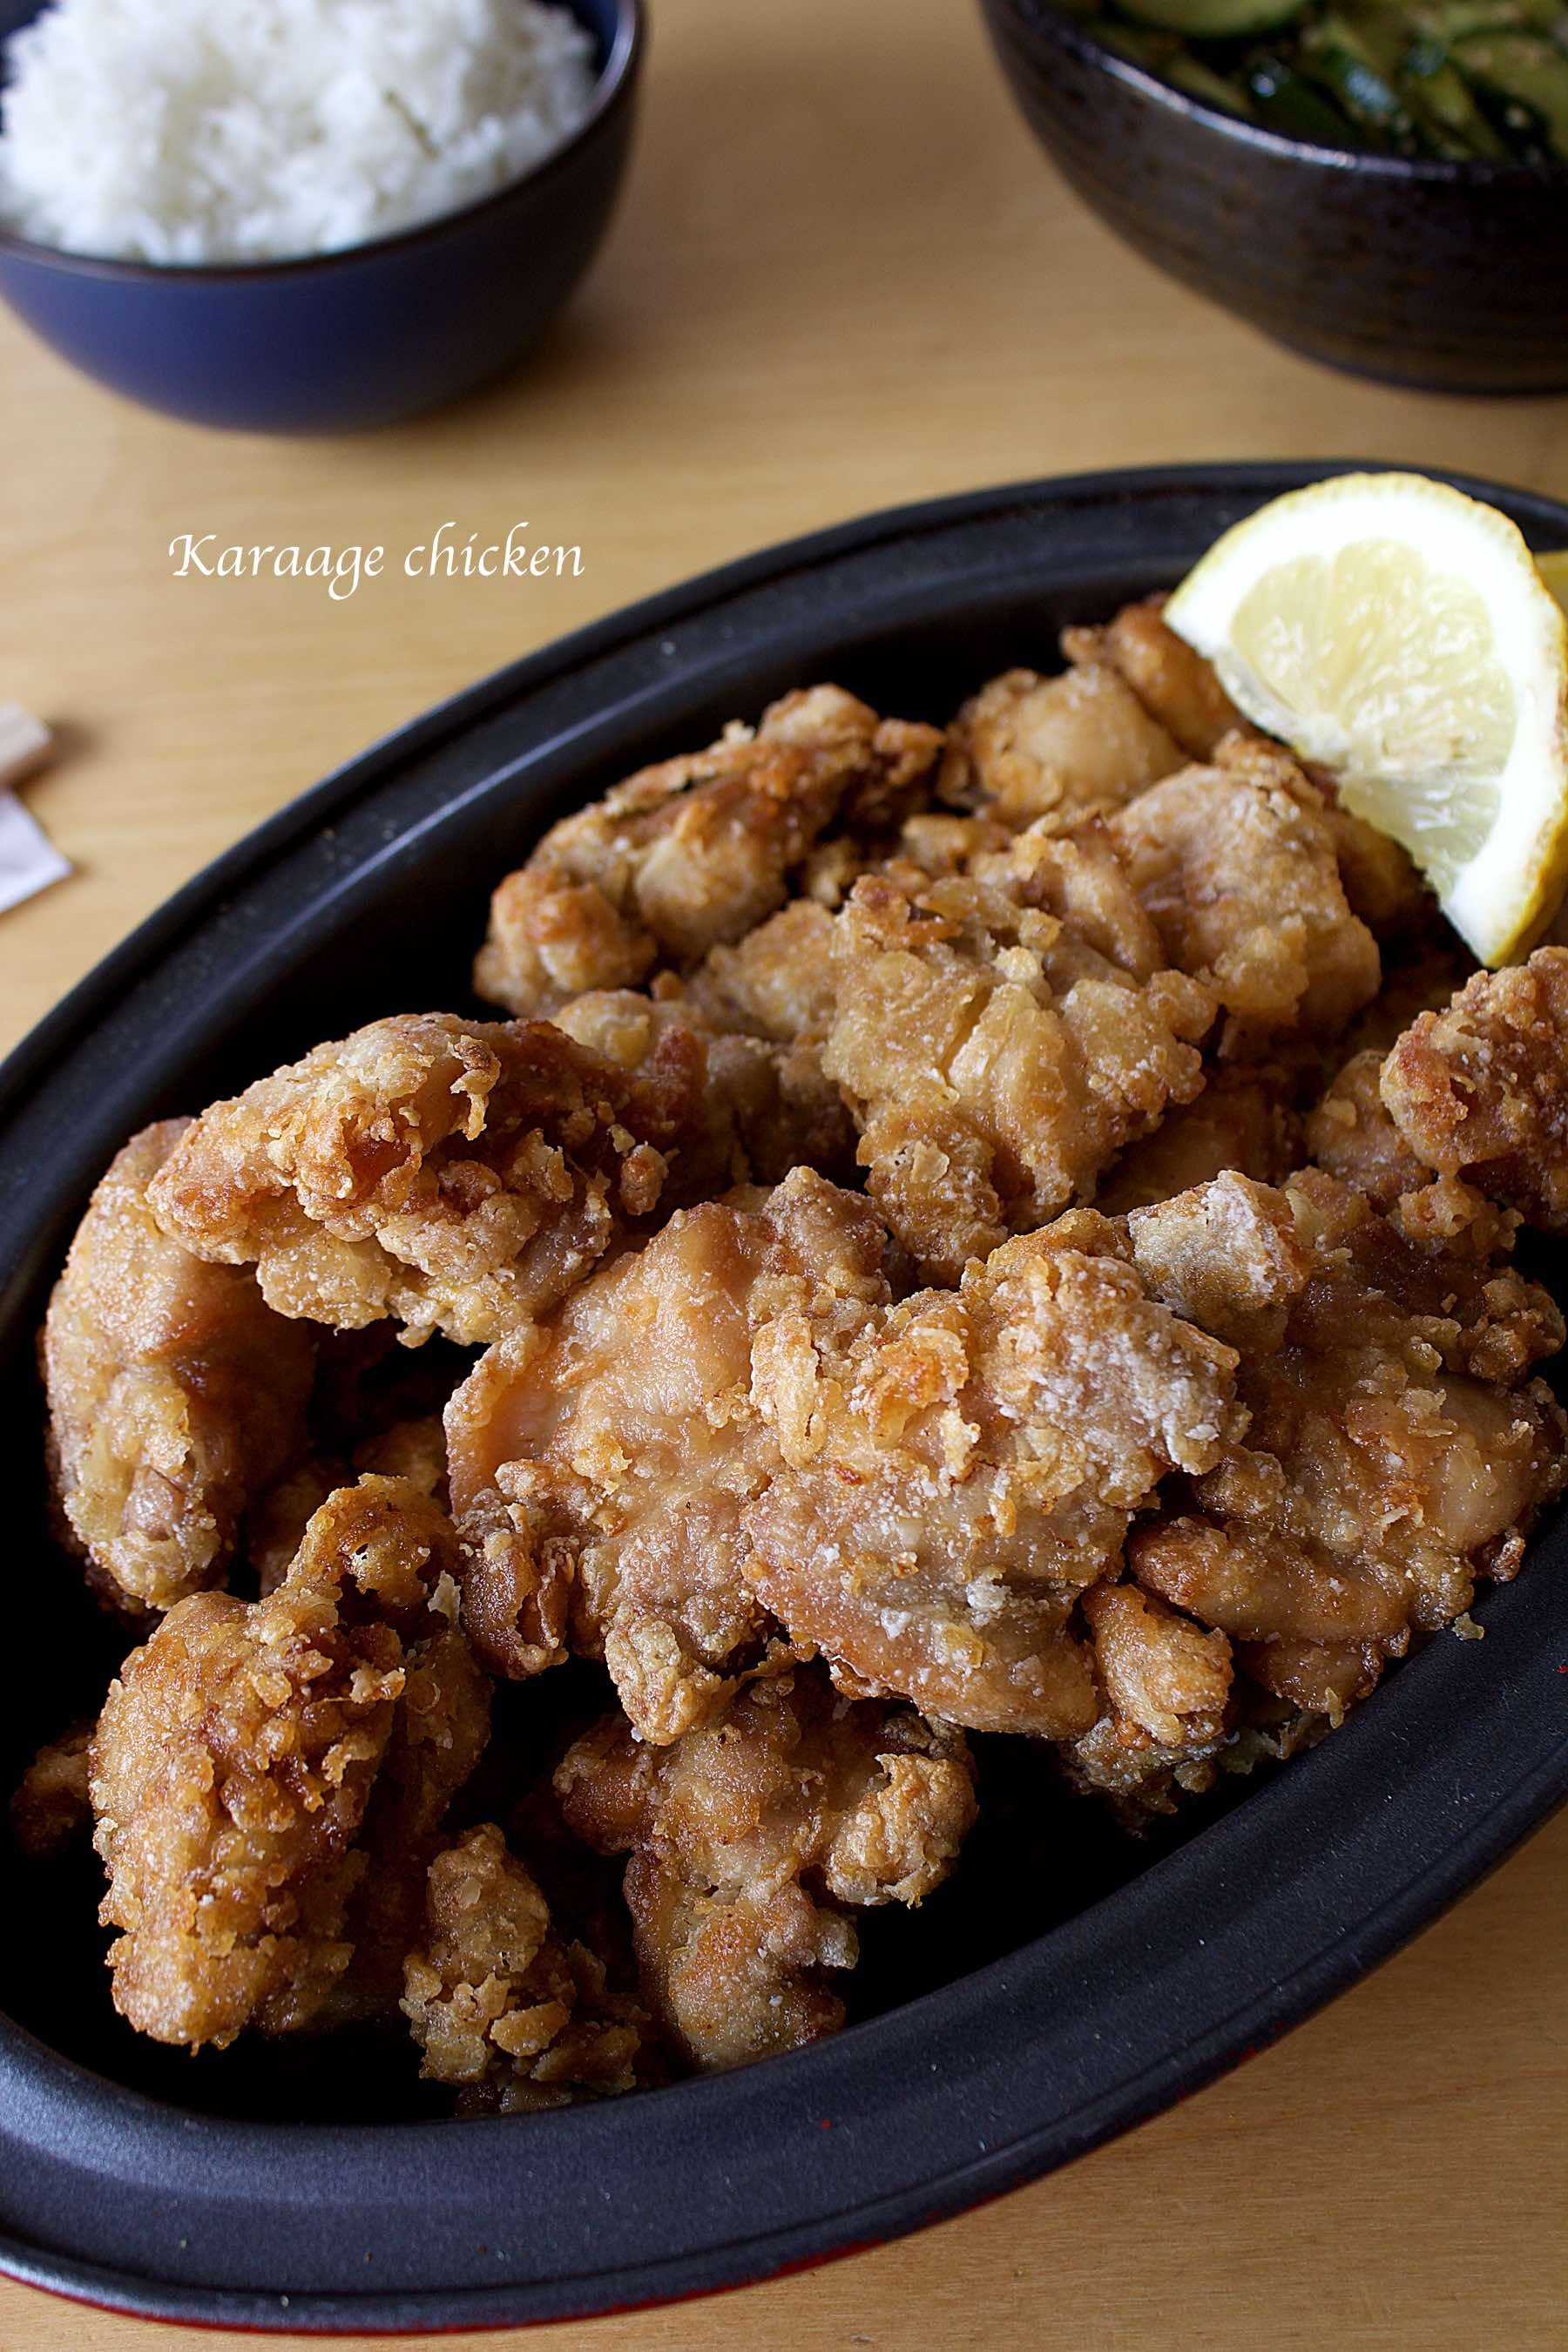 Poulet karaage, poulet frit à la japonaise